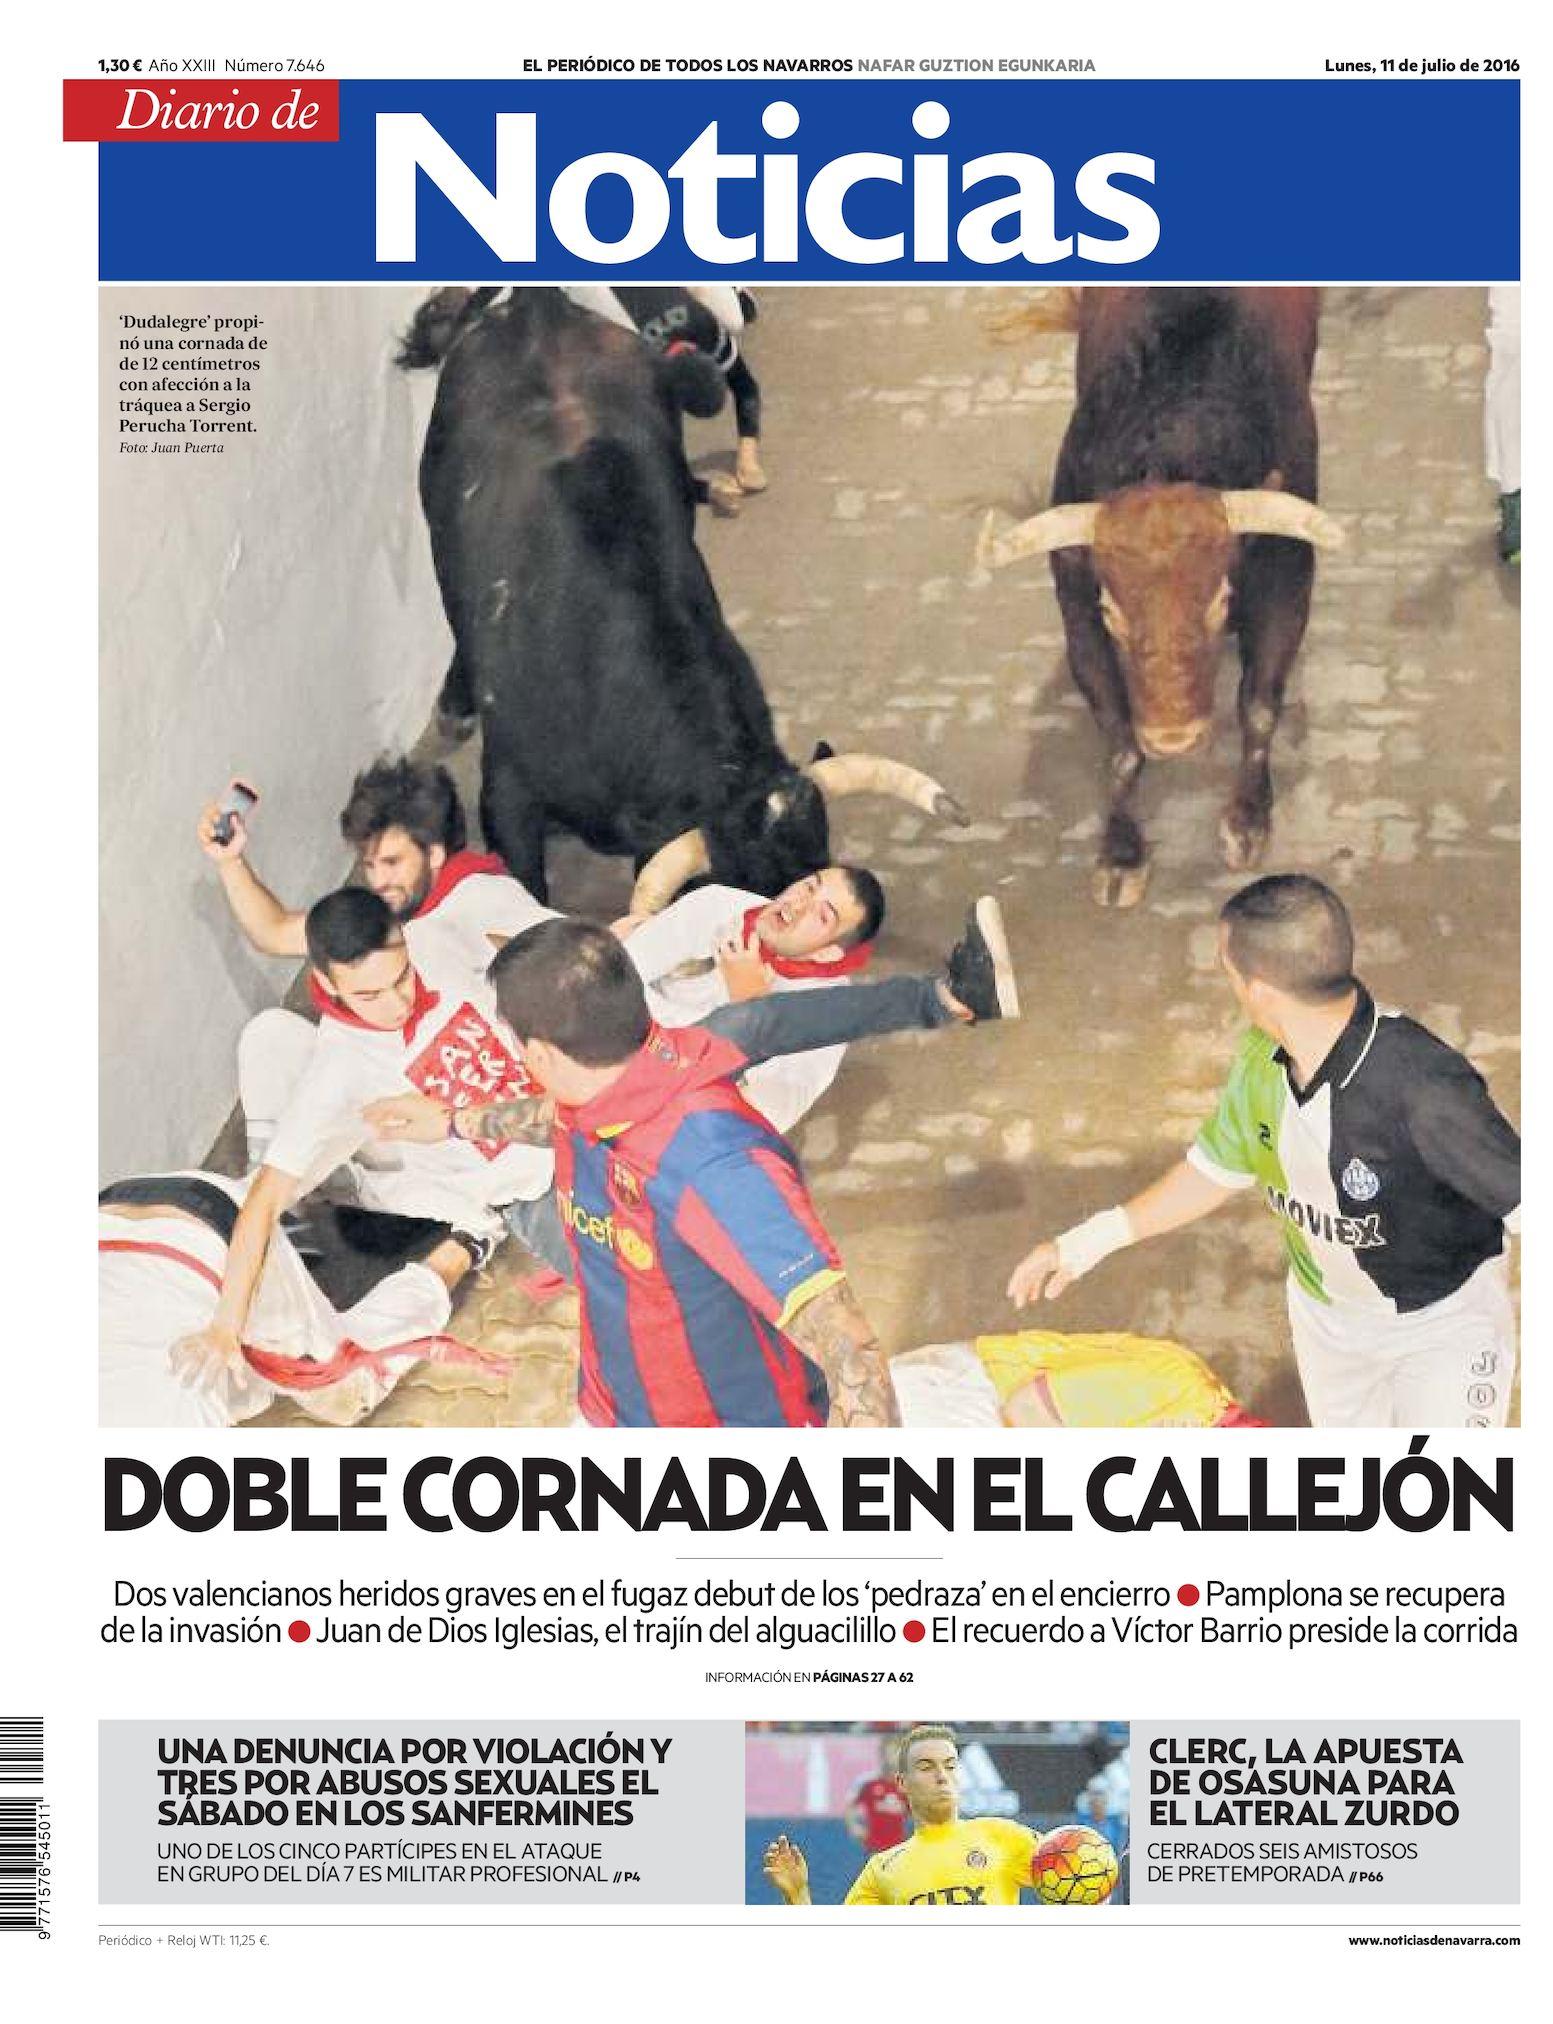 Diario Calaméo Diario Noticias Noticias 20160711 Calaméo De De 20160711 fYb6gyvIm7